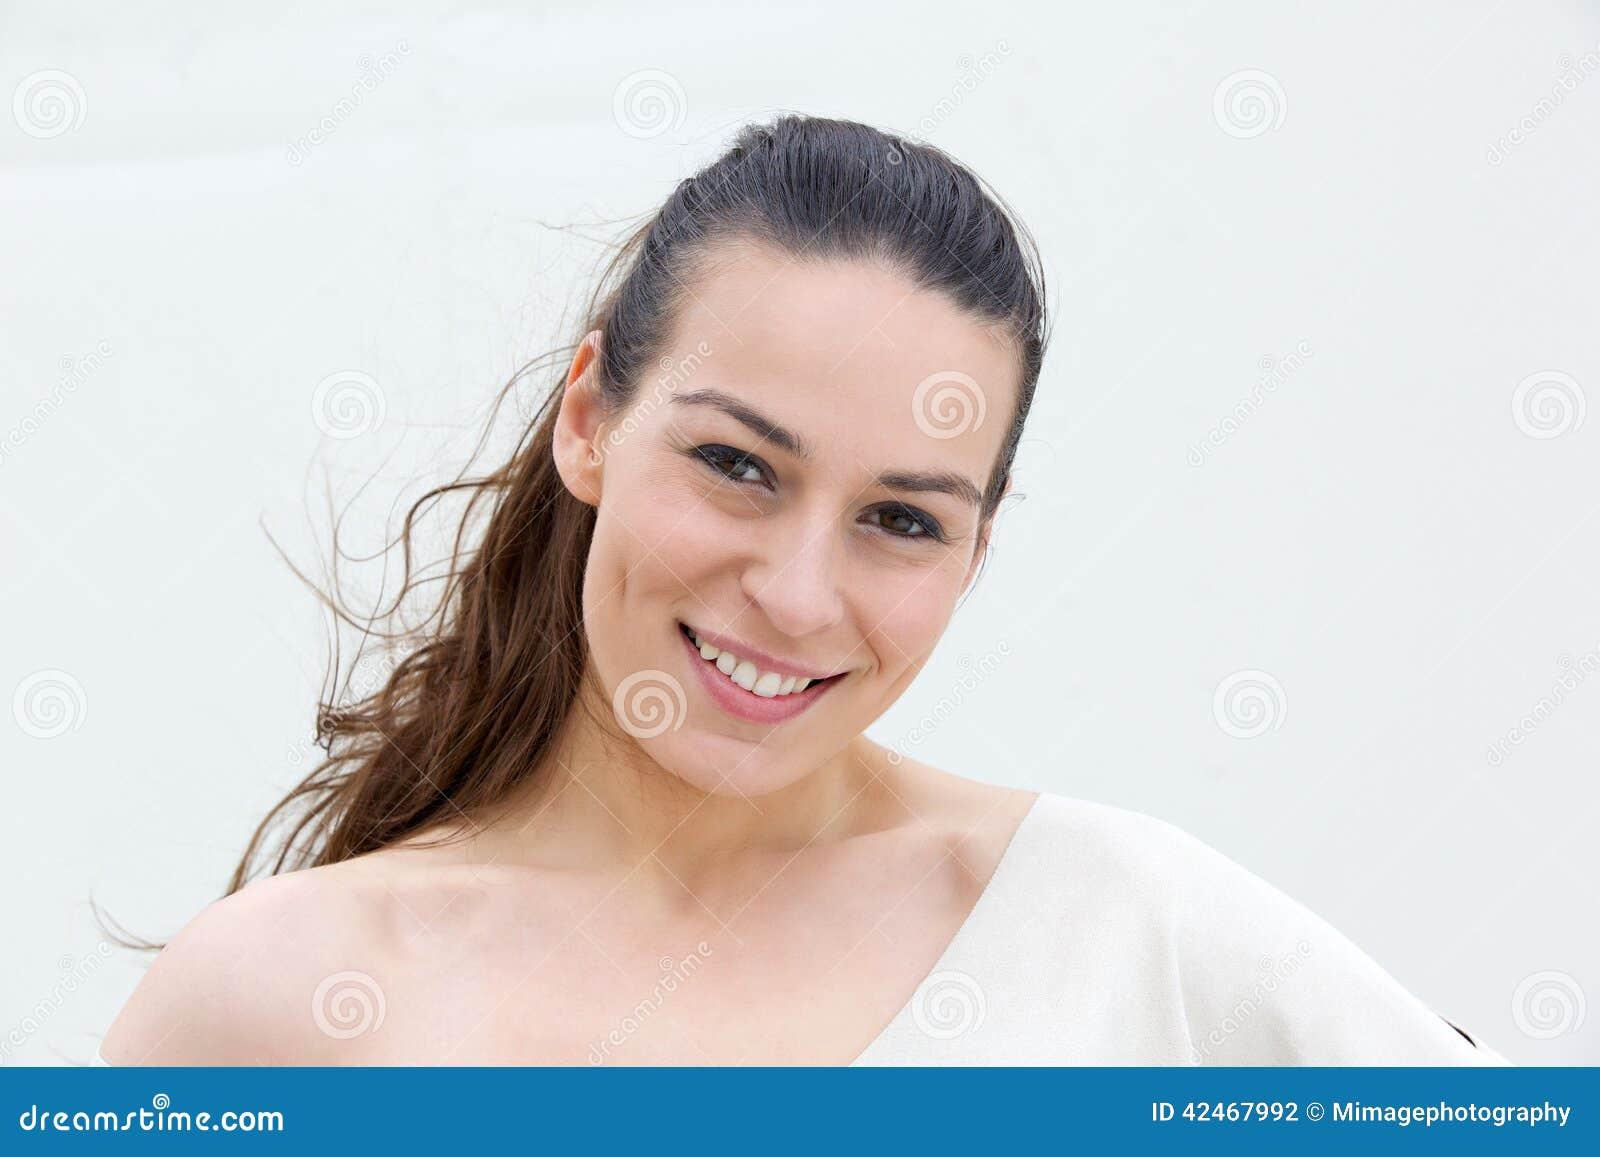 Junge Frau, die auf weißem Hintergrund lächelt